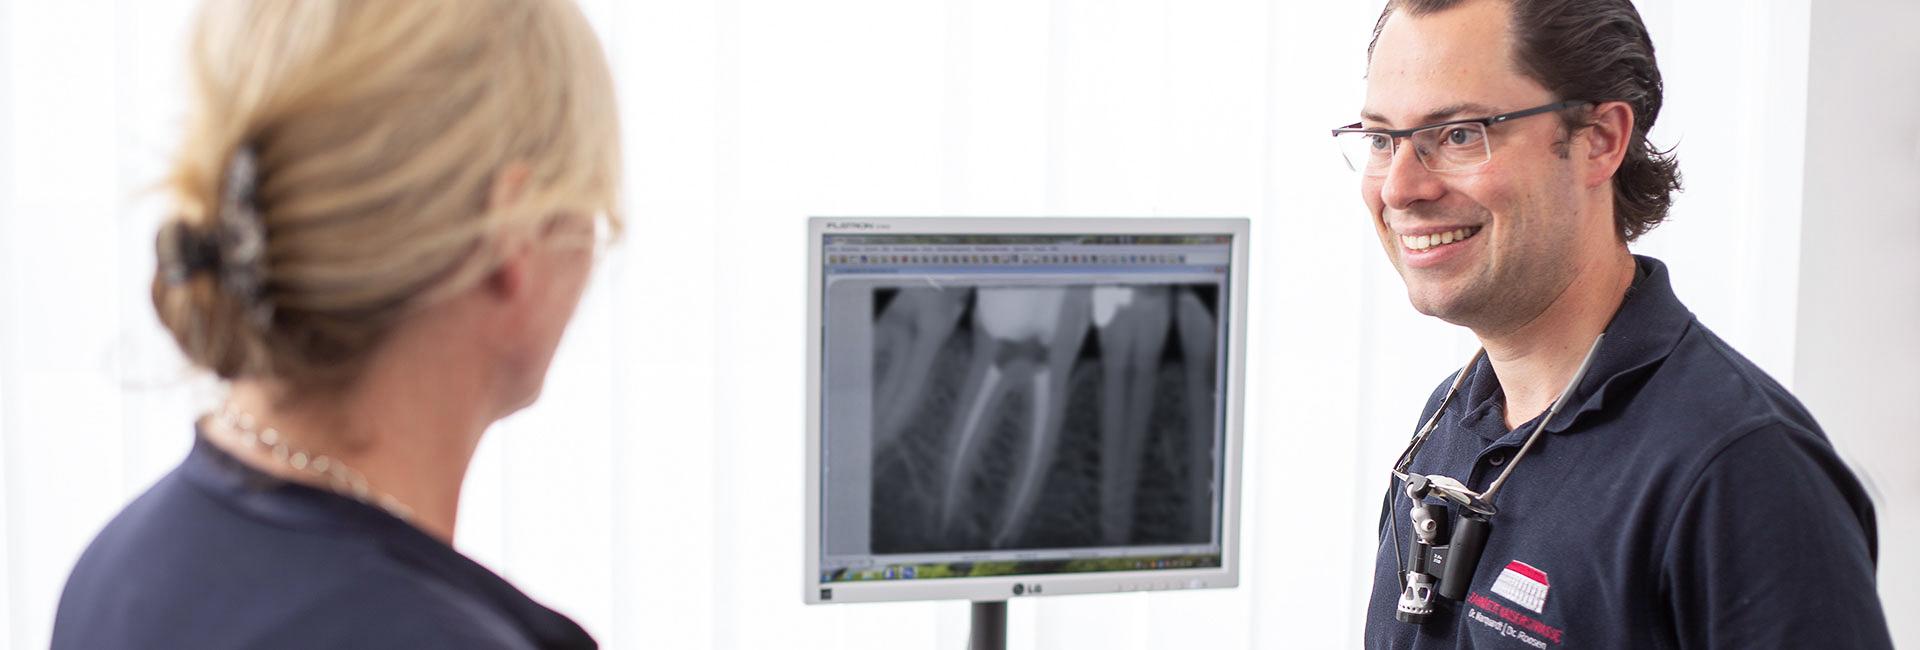 Endodontie - Zahnärzte Kaiserstrasse in Mülheim an der Ruhr